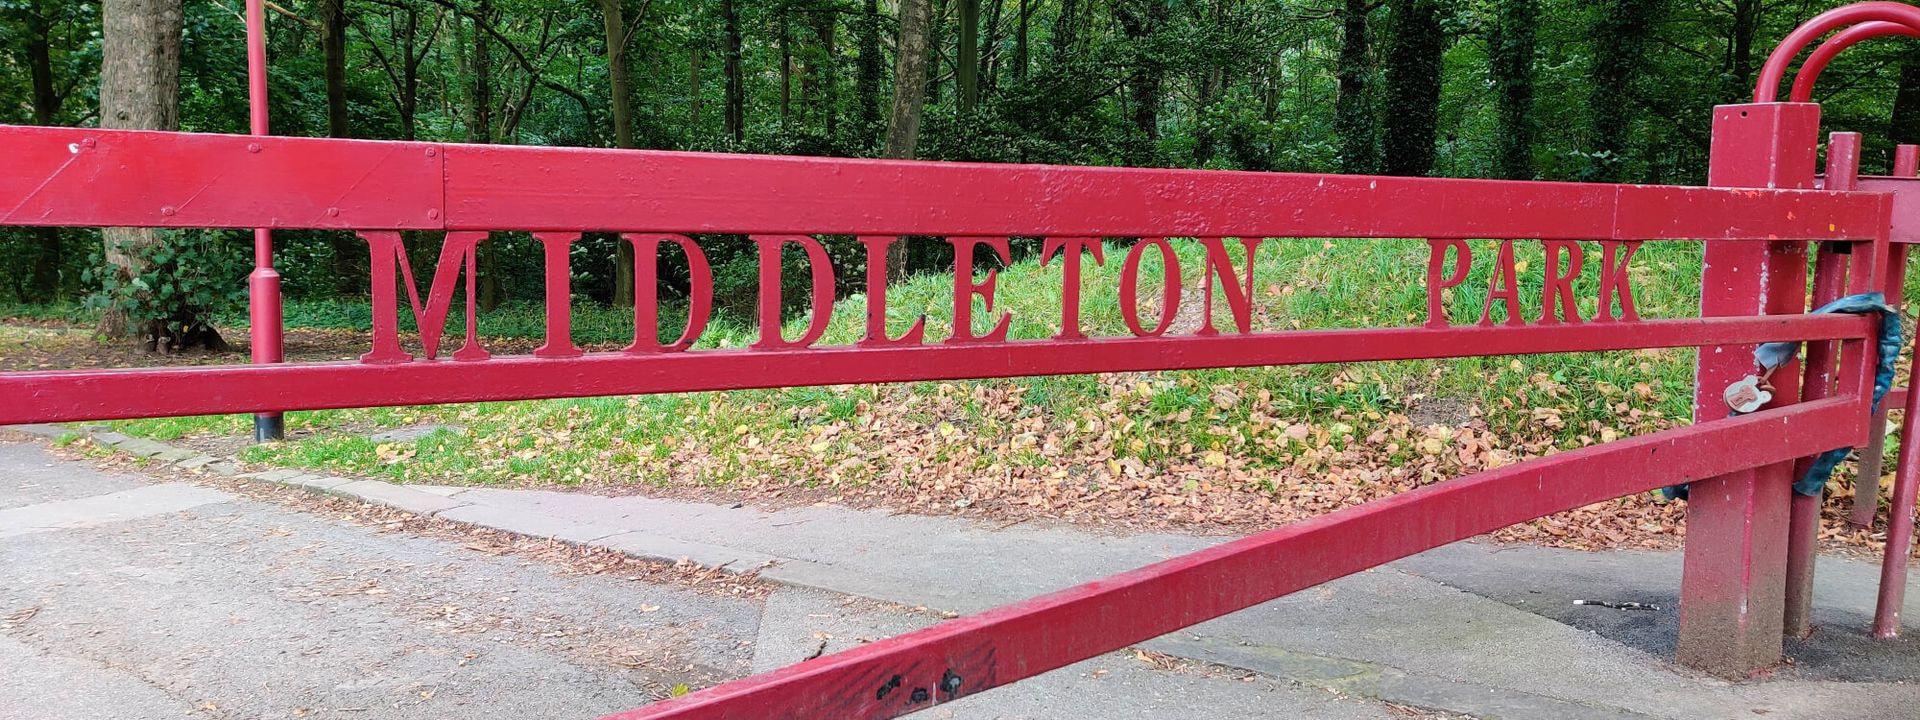 Middleton Park Gate